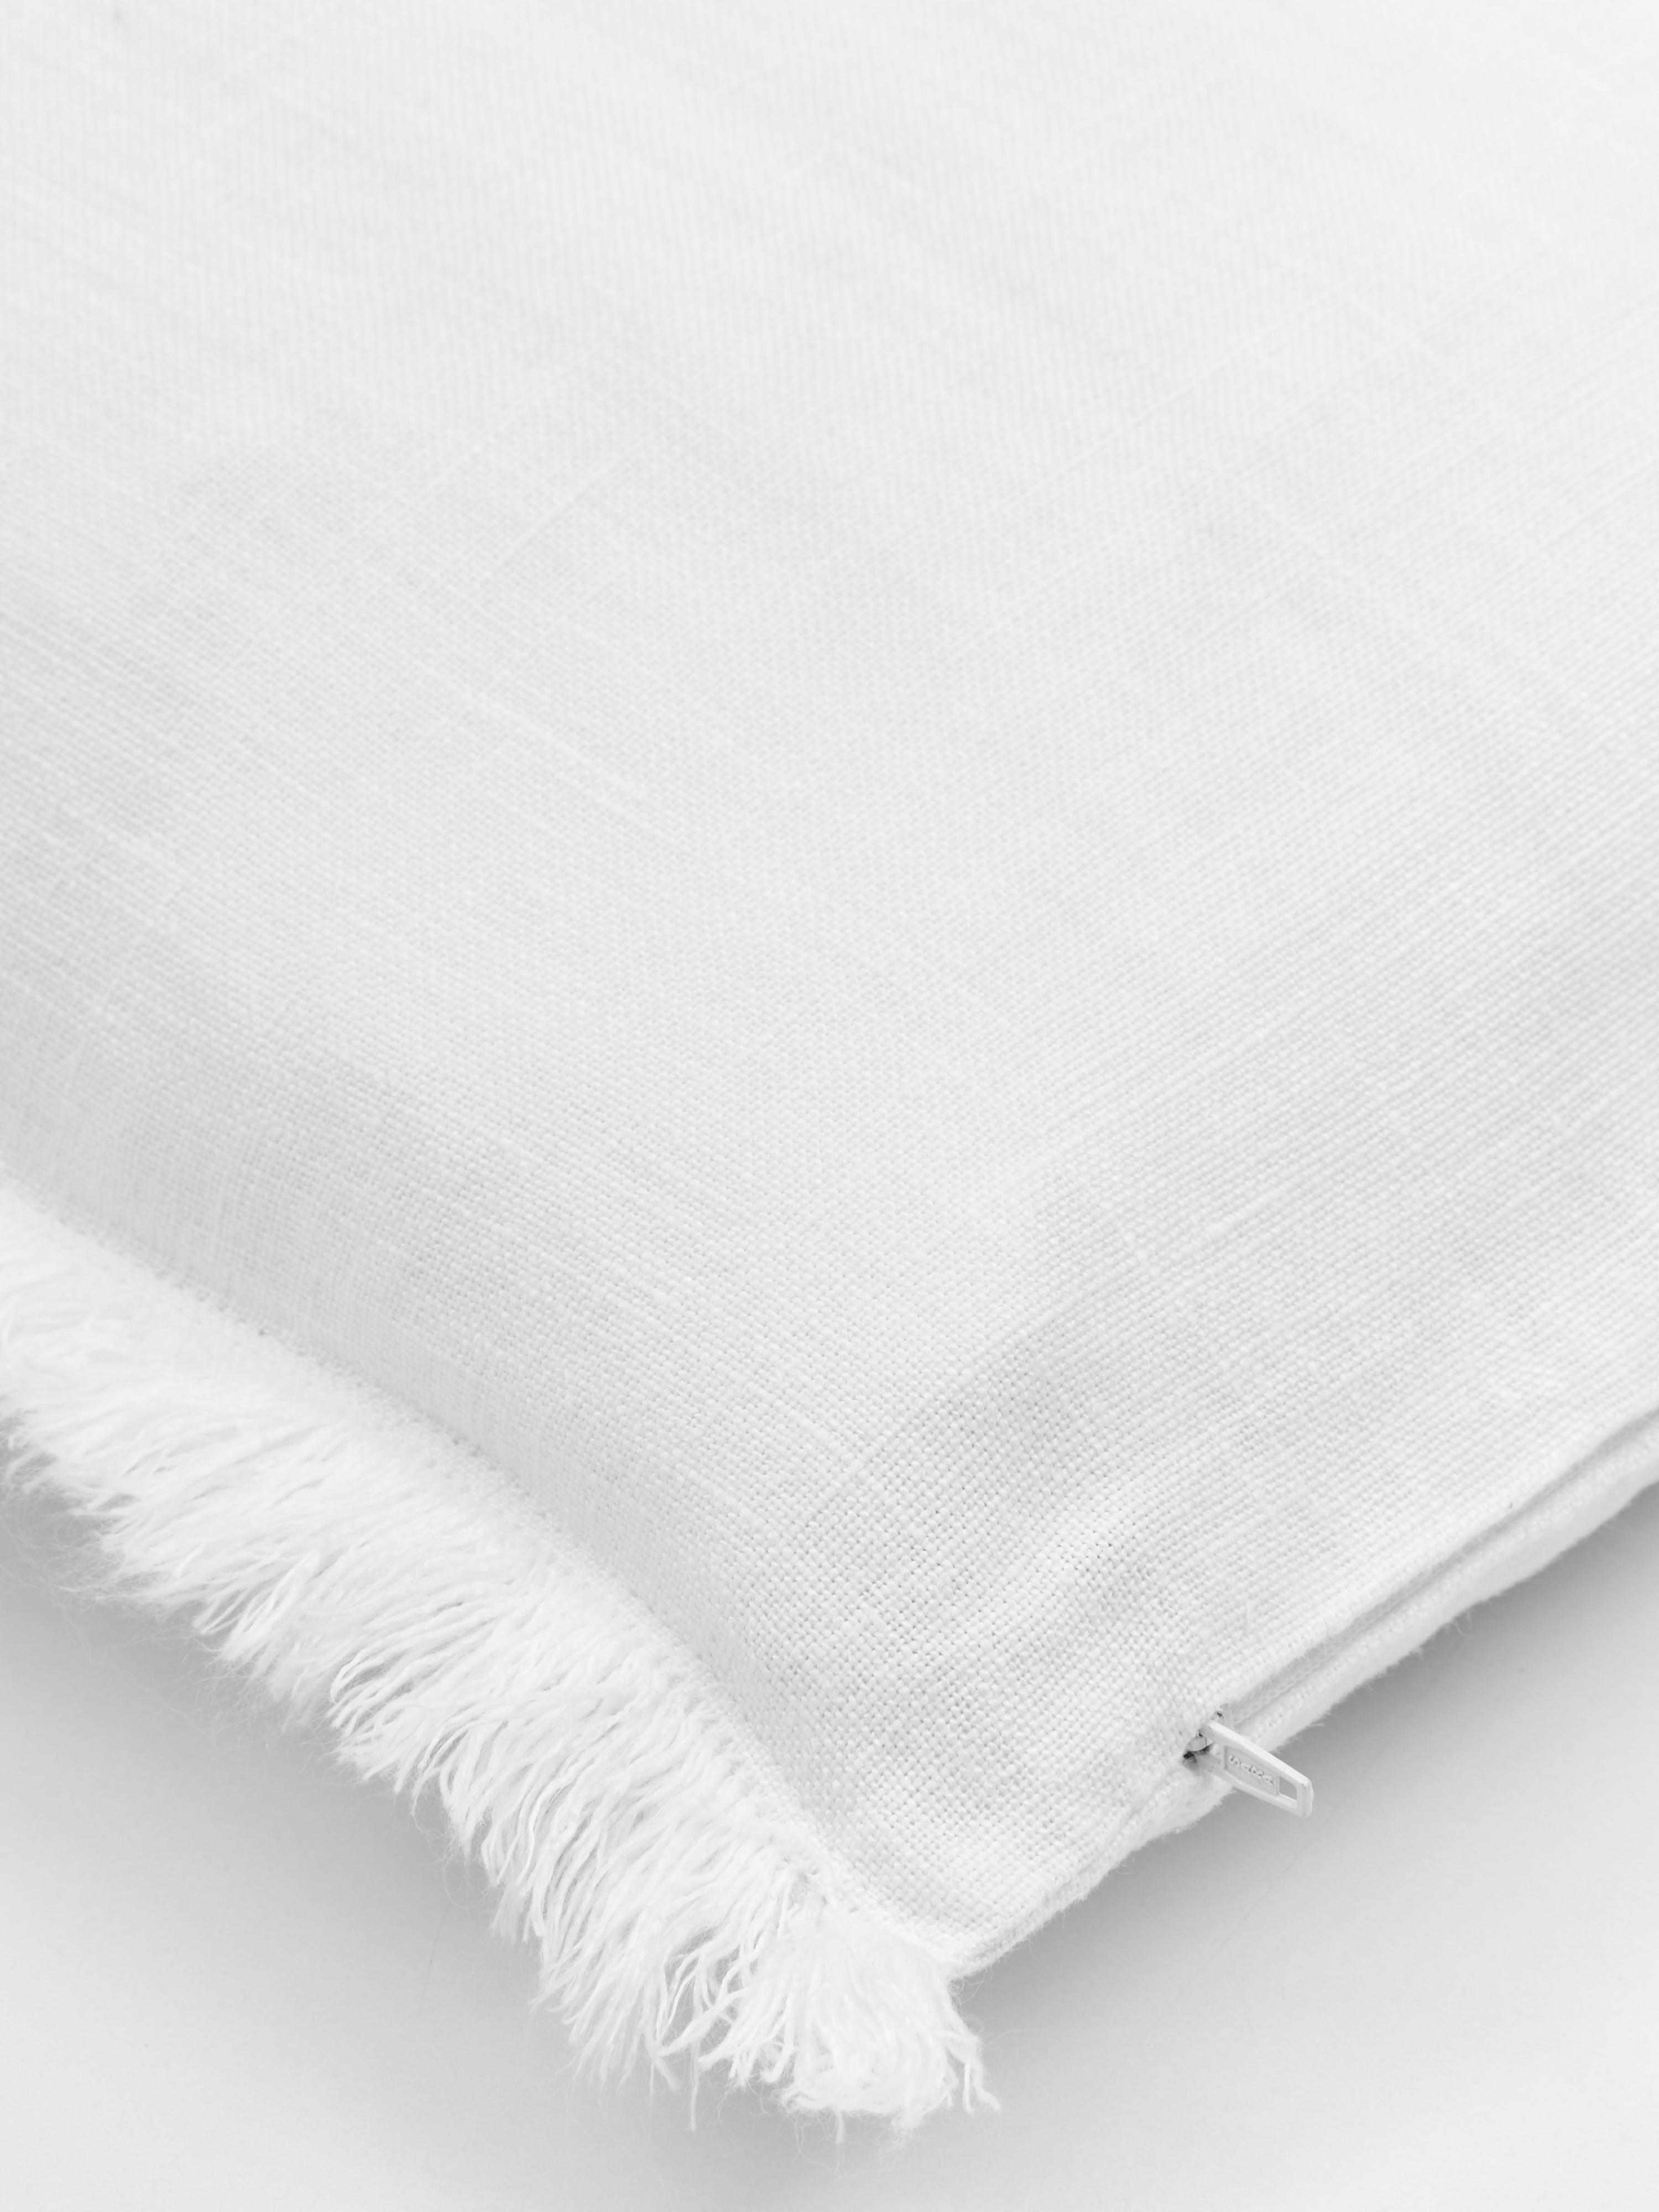 Leinen-Kissenhülle Luana in Cremeweiß mit Fransen, 100% Leinen, Cremeweiß, 60 x 60 cm